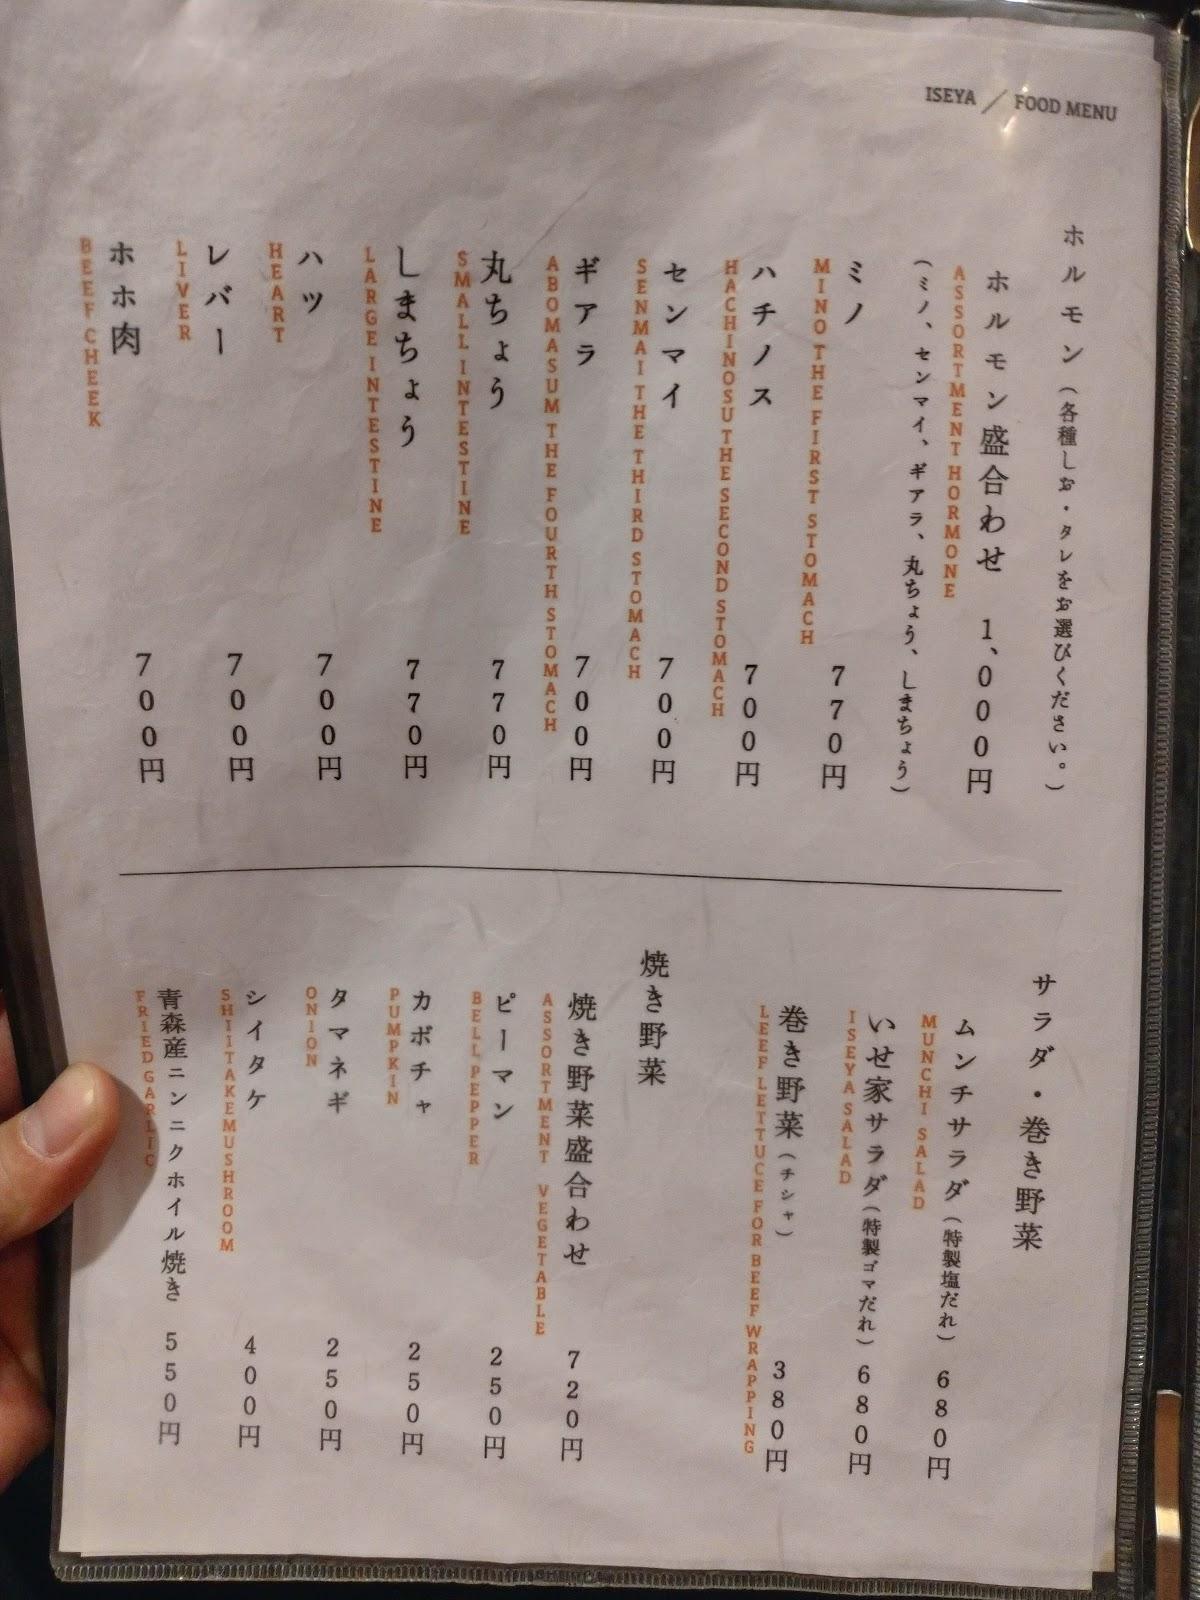 メニュー長崎市浜口町でおすすめの焼肉は炭火焼肉いせ家!